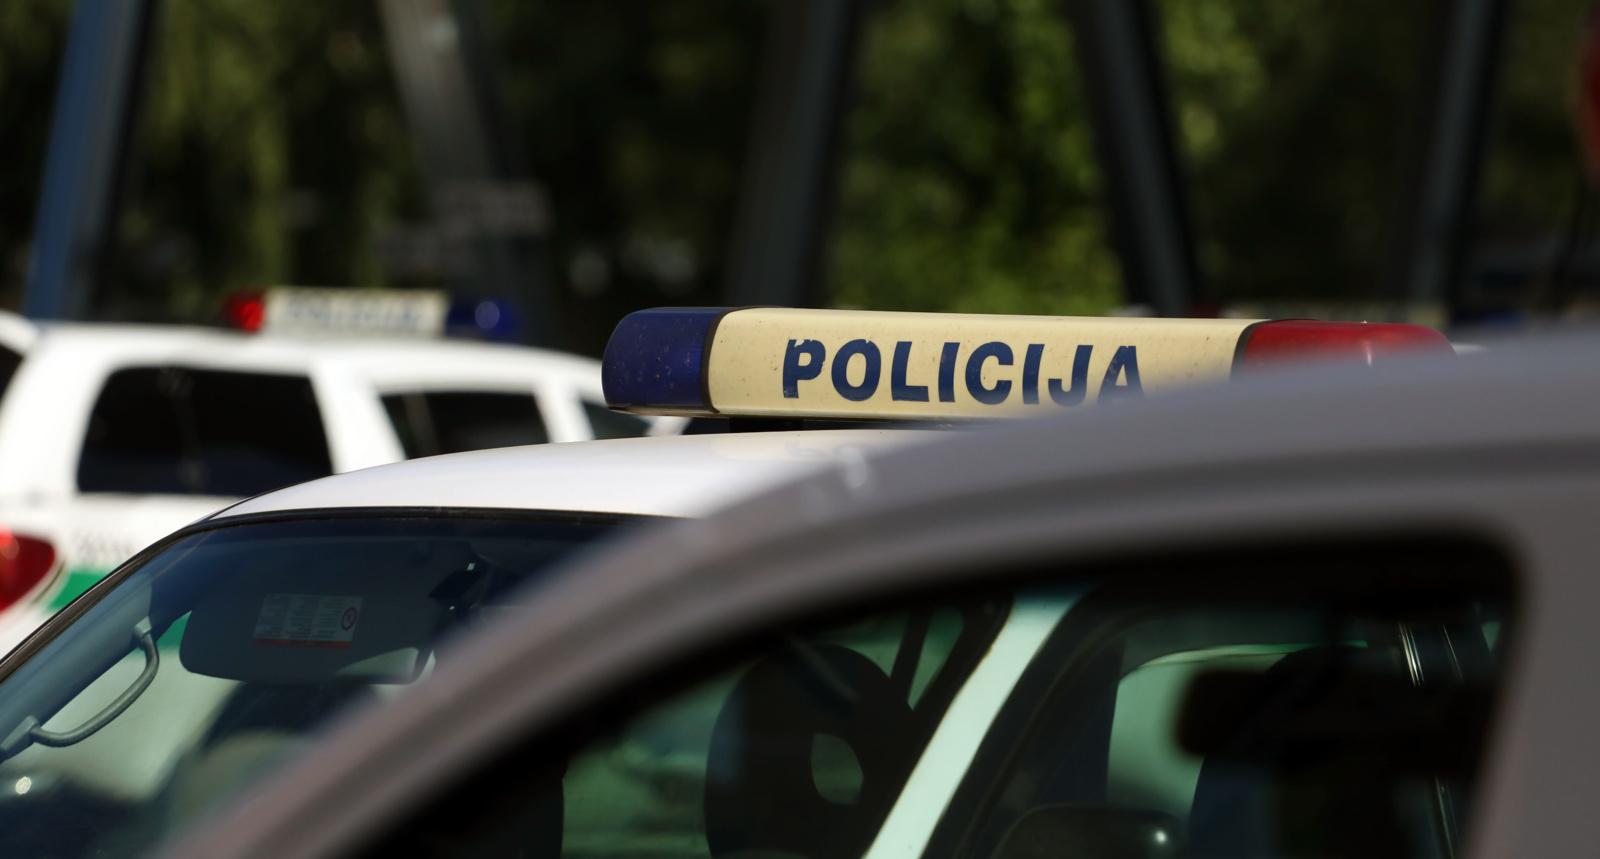 Latvijoje, kelyje Ryga - Bauskė, per avariją žuvo lietuvis